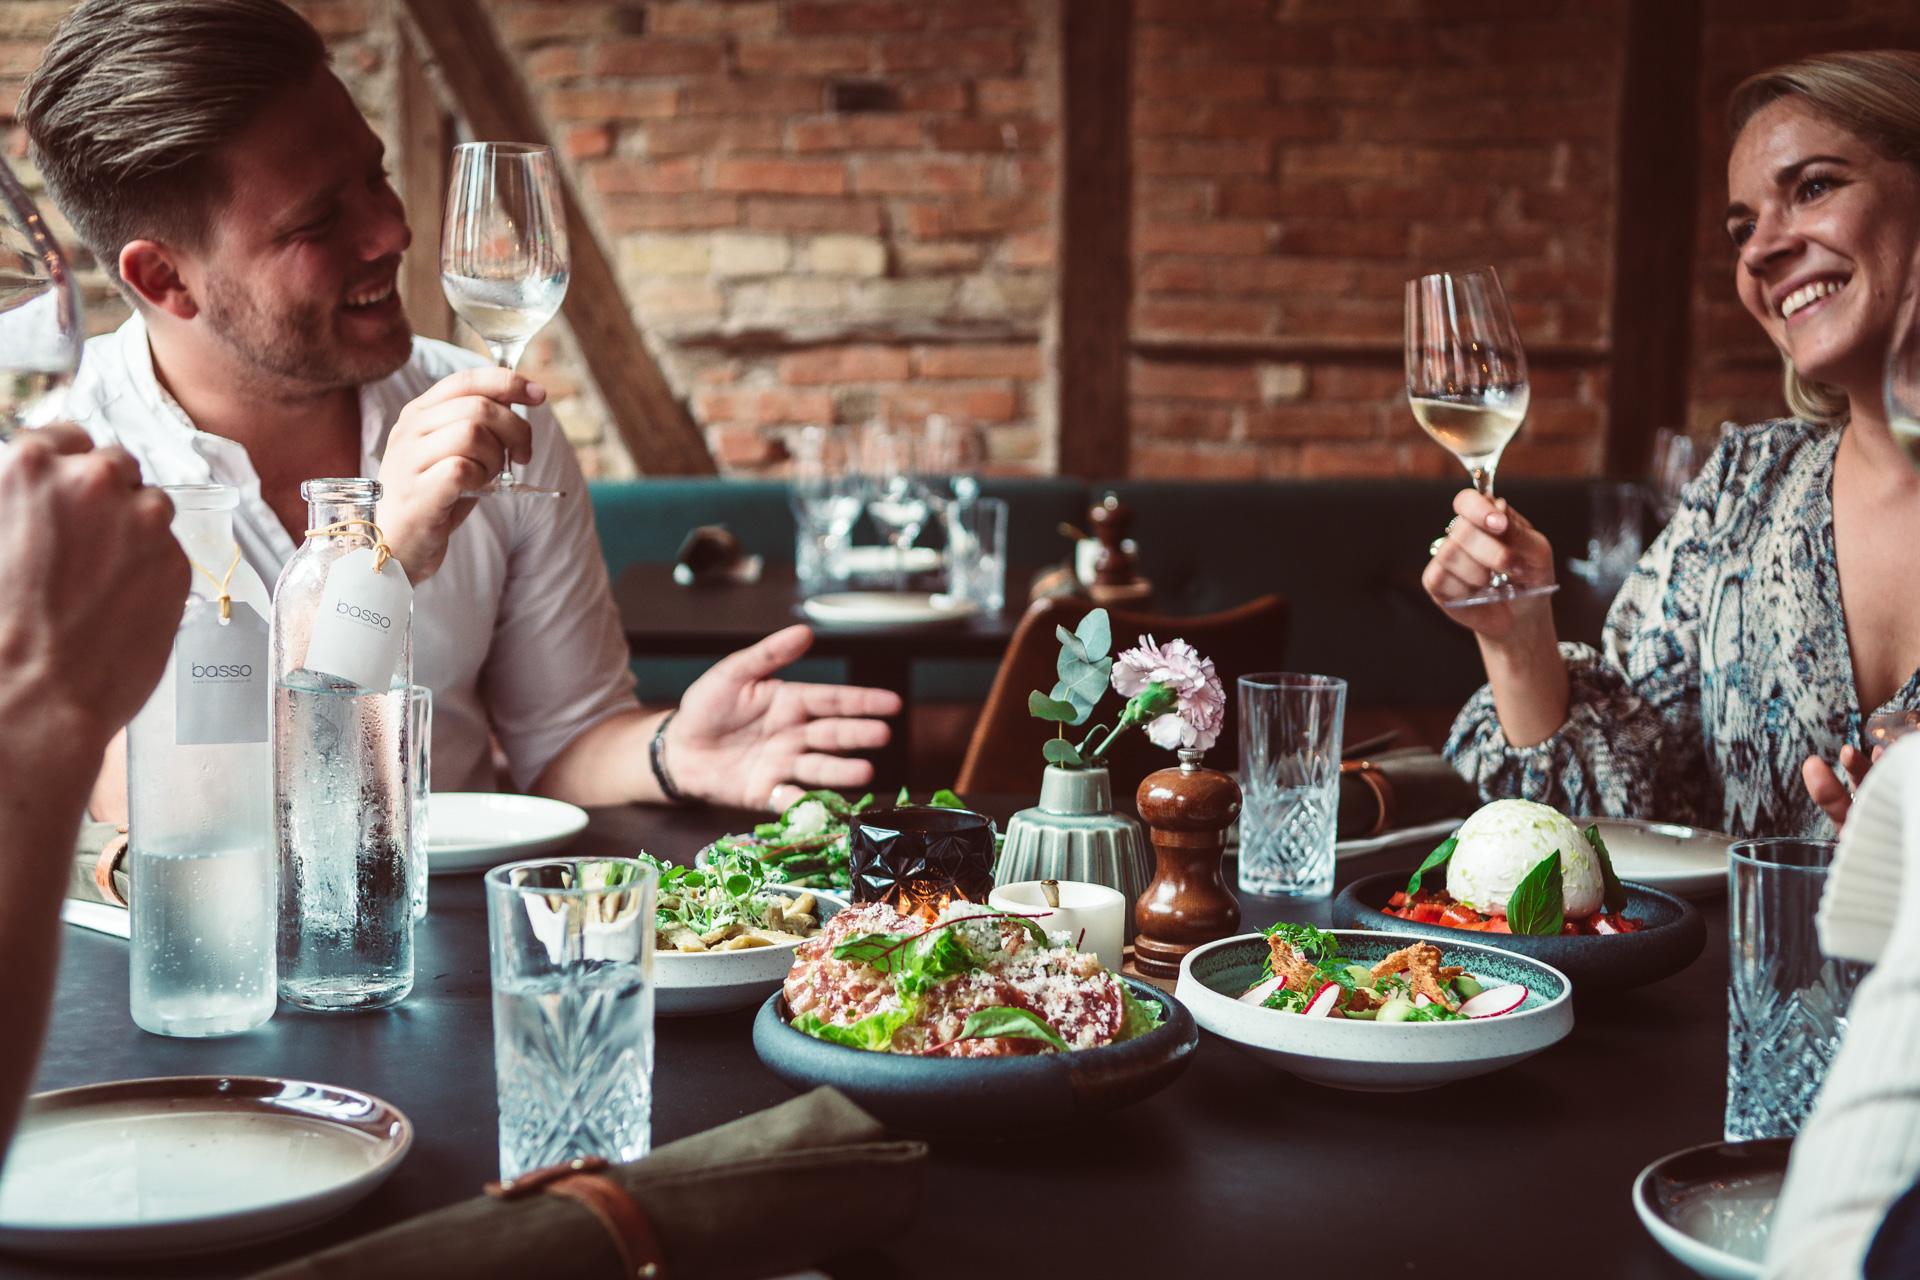 Nyt mandagskoncept på Restaurant Basso: Family Feast